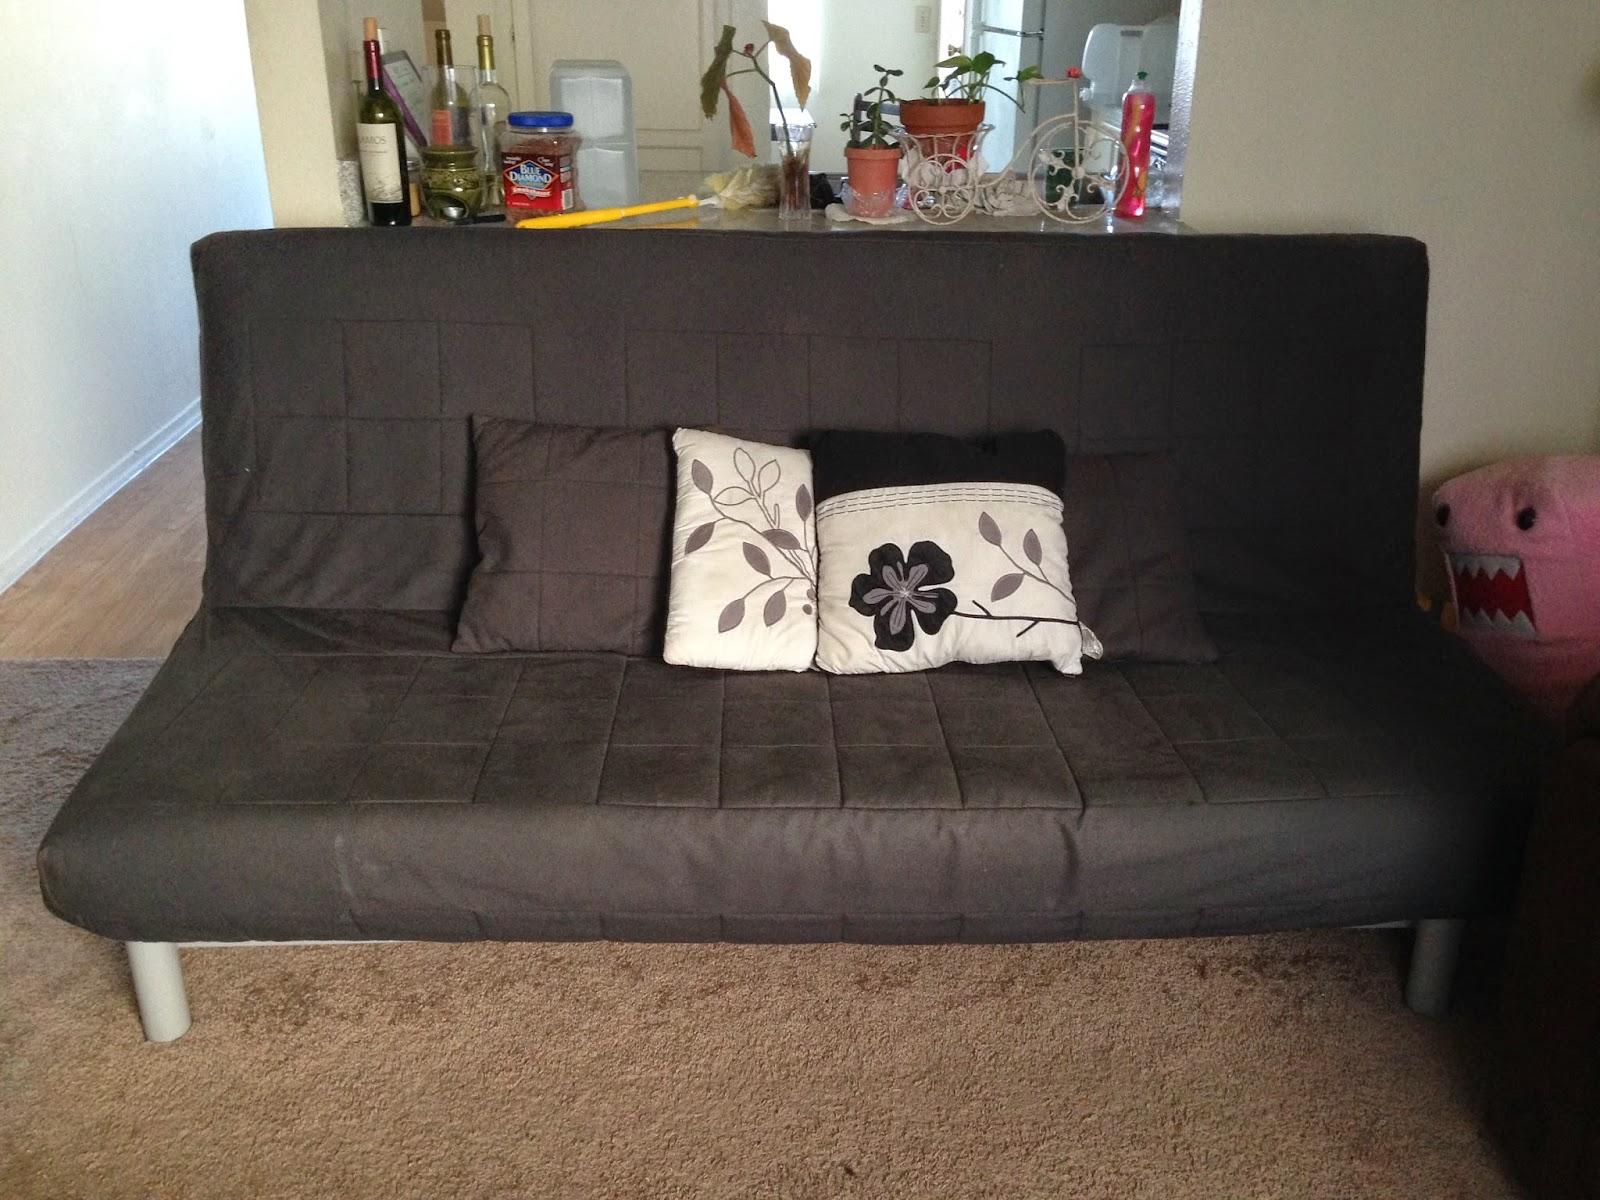 ■sofa bed Ac modating Beddinge Sofa Bed Beddinge Sofa Bed